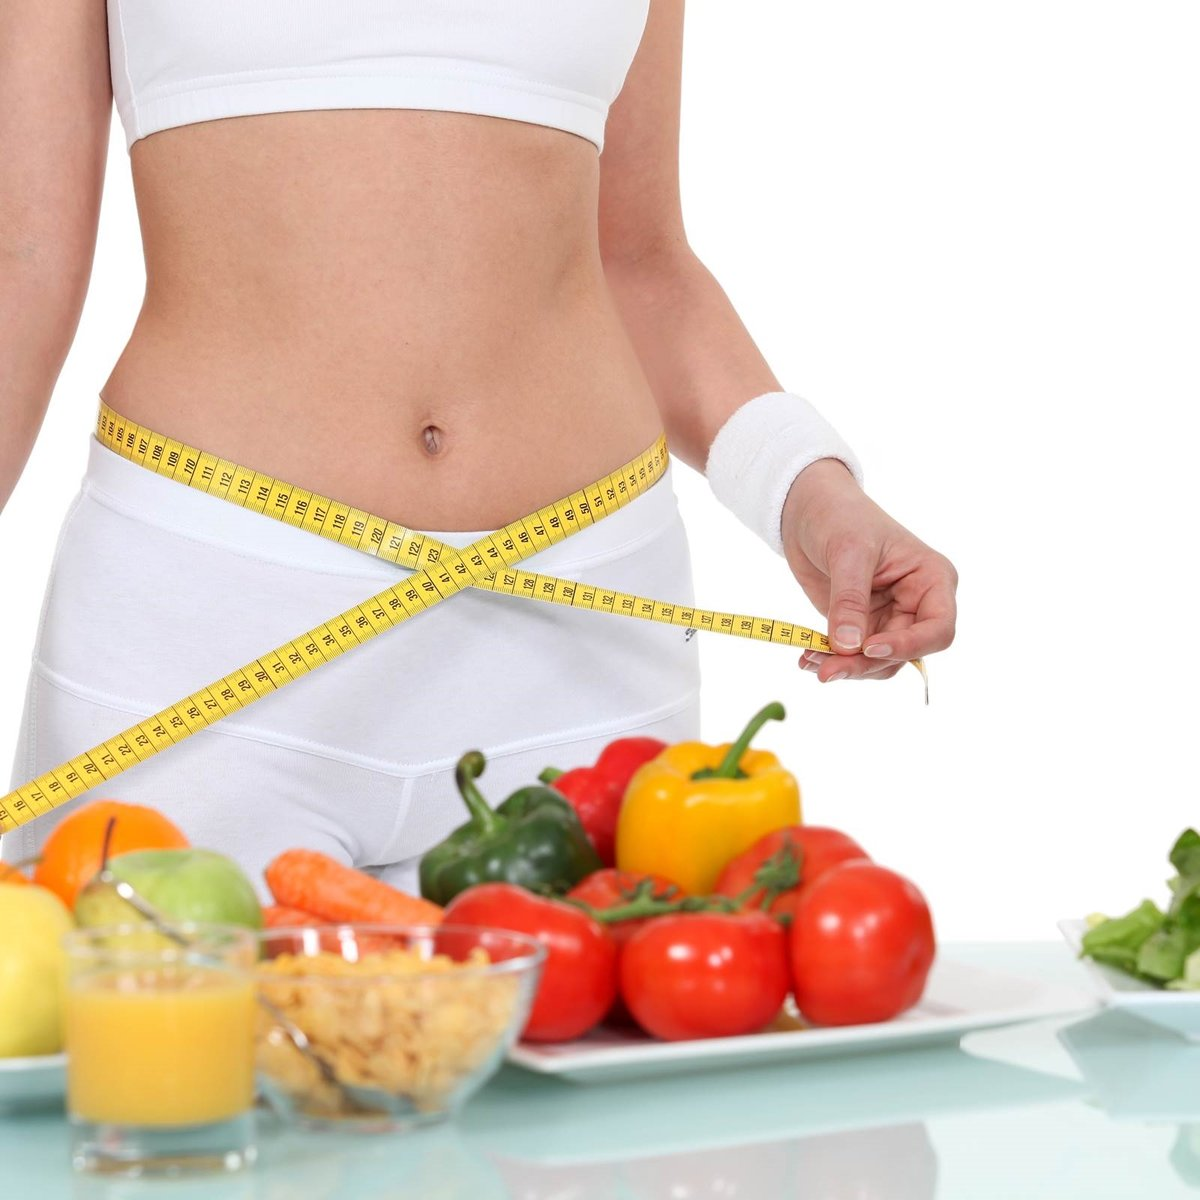 Сбросить Вес Правильным Питанием.